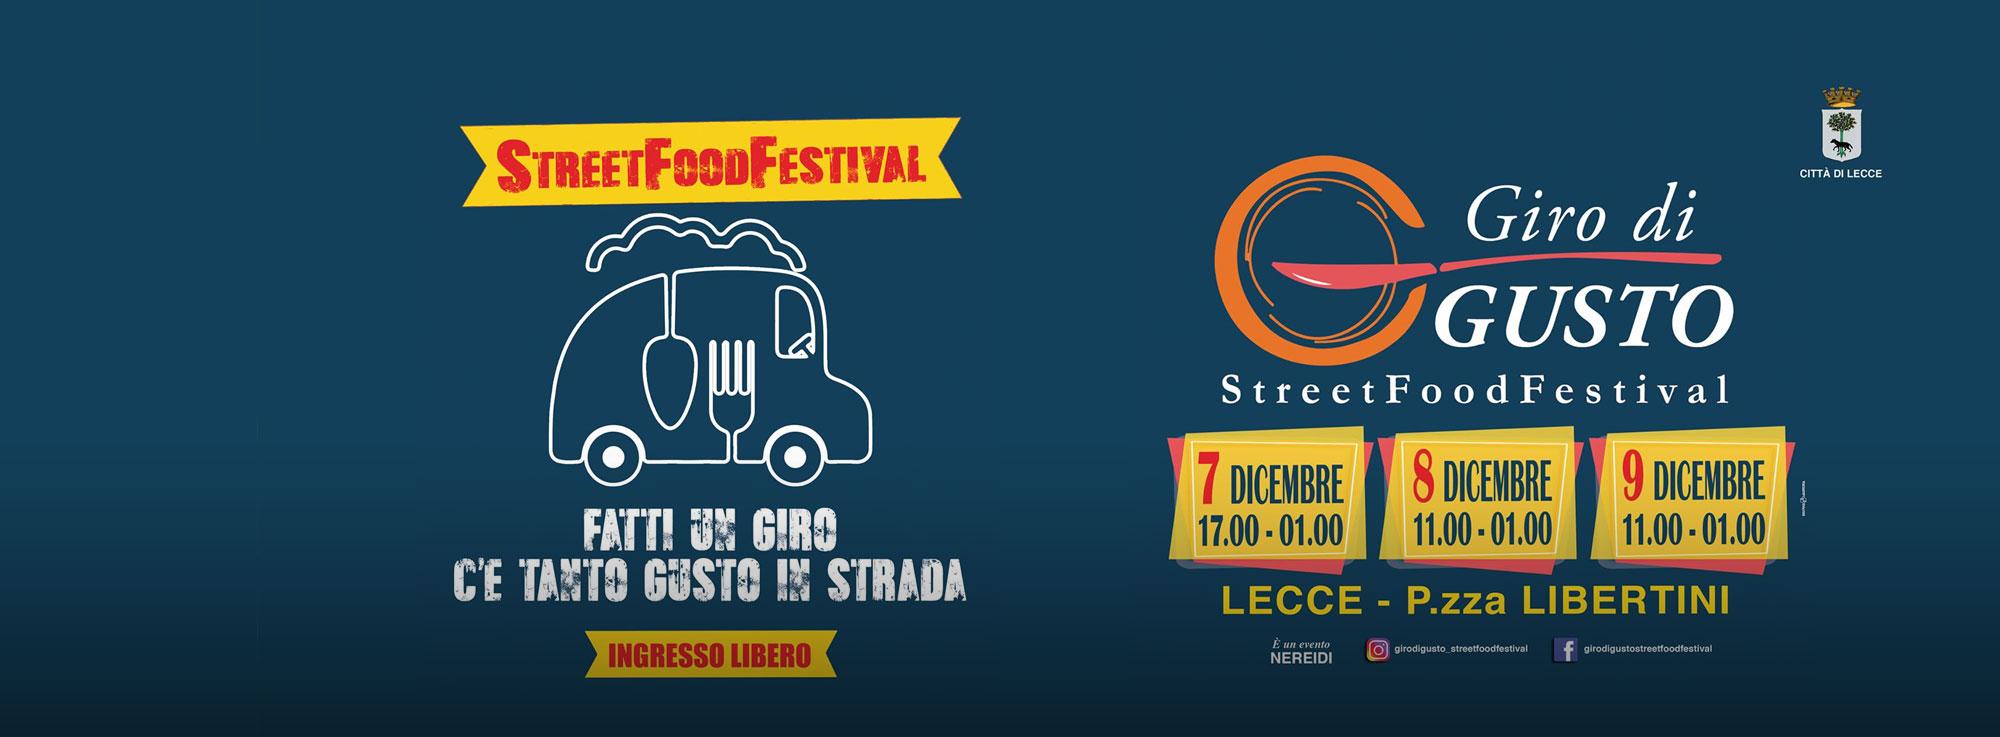 Lecce: Giro di Gusto Street Food Festival